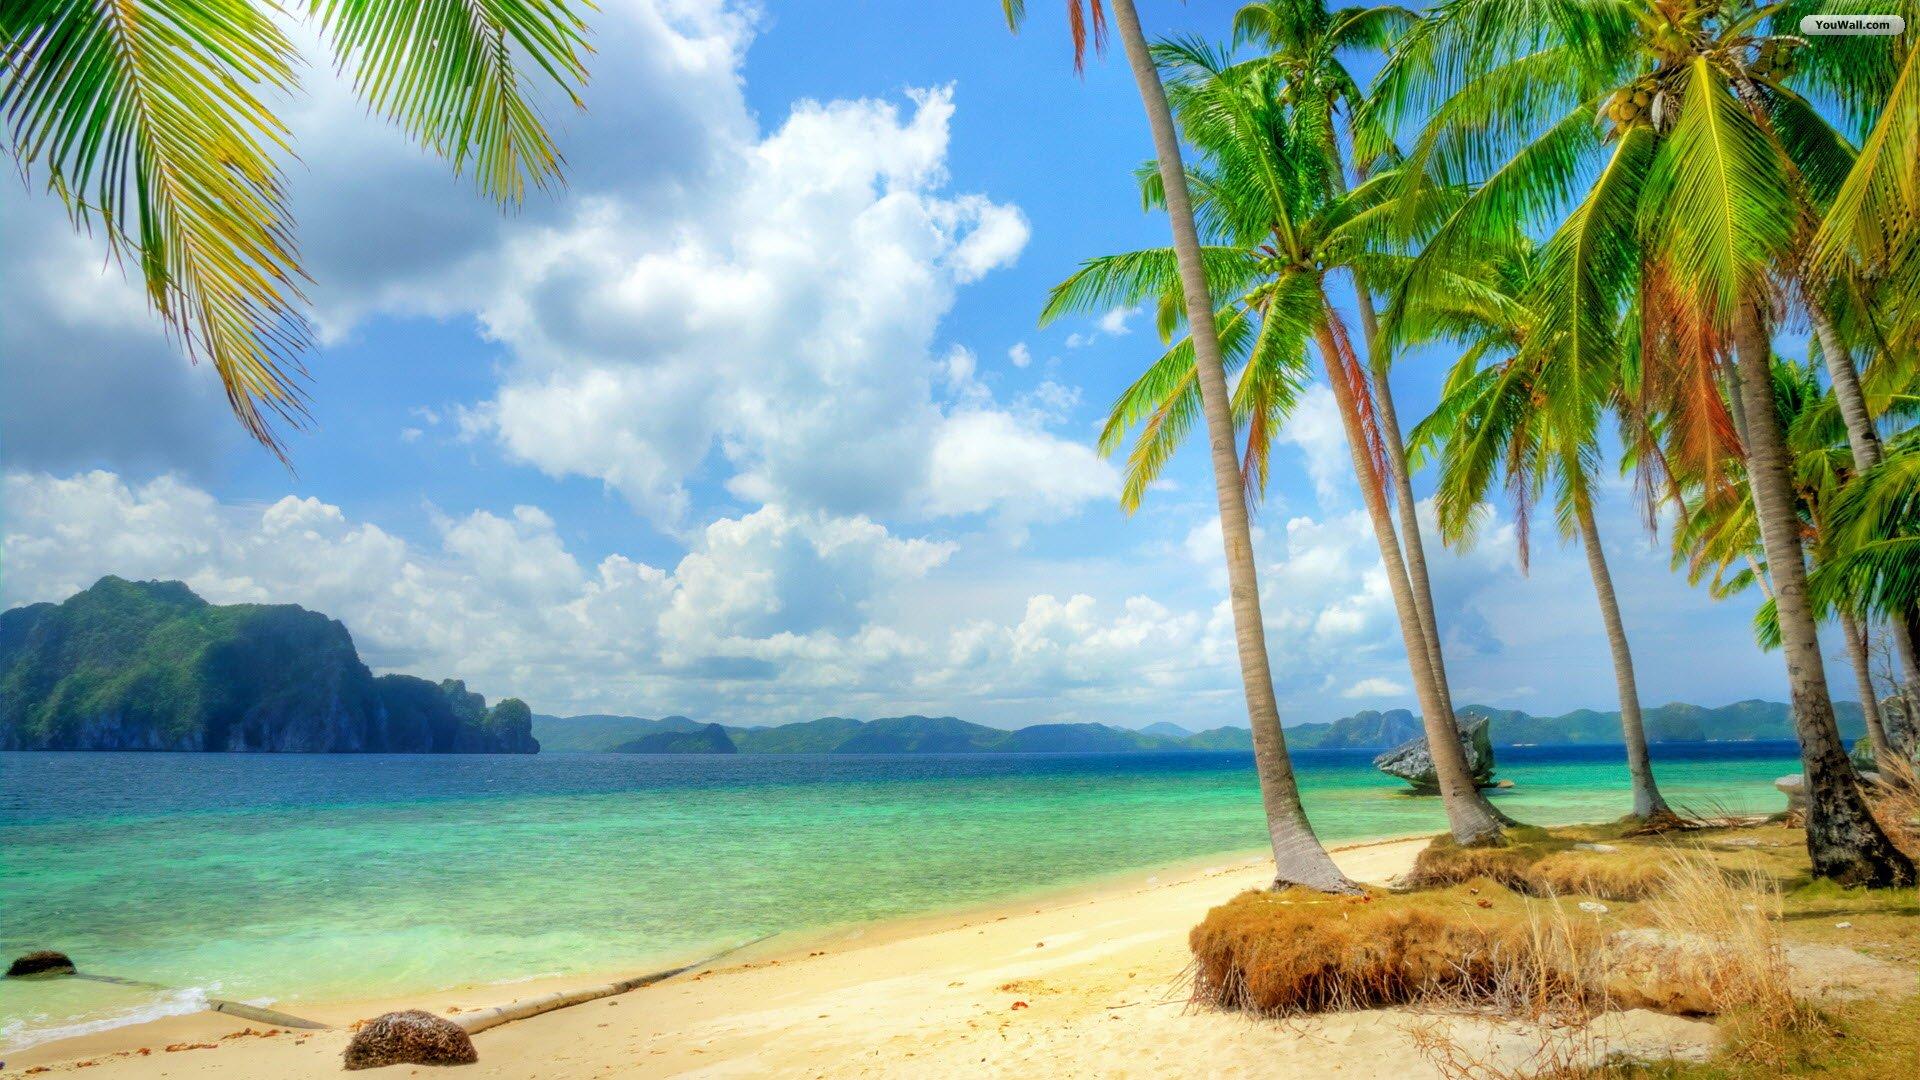 Best Tropical Landscape